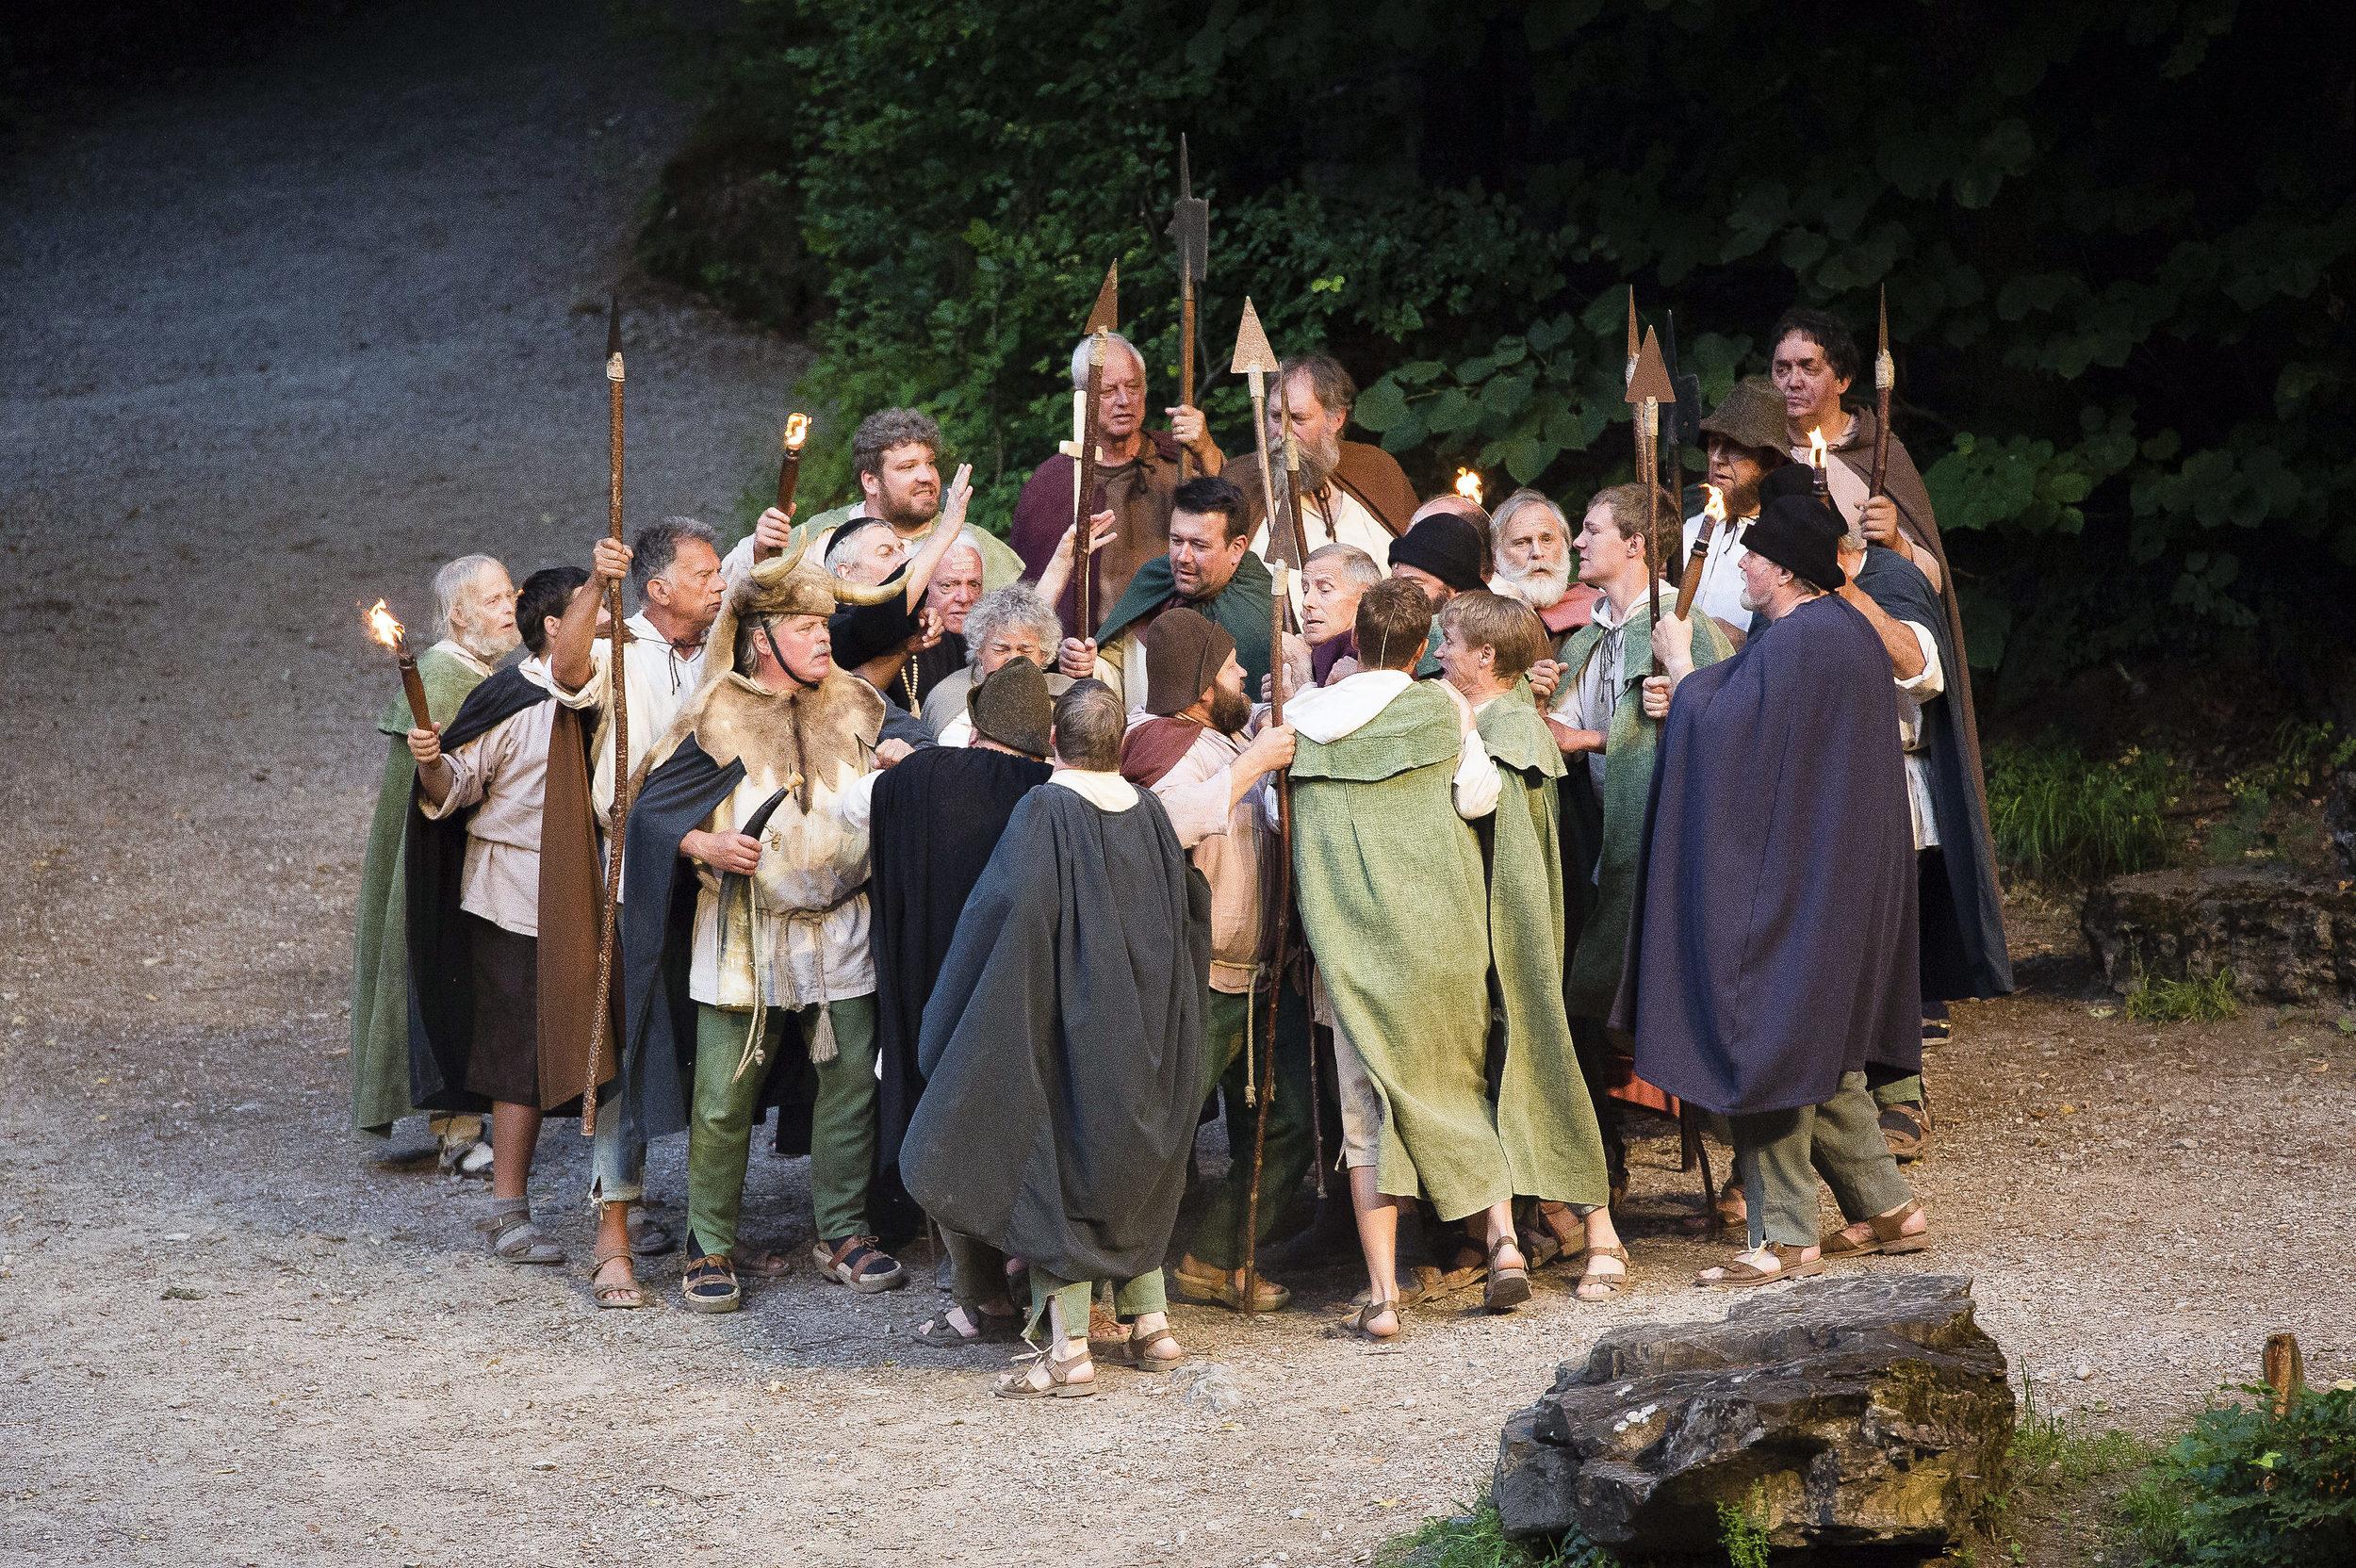 Unruhen während dem Rütlitreffen bei den Tellspiele in Interlaken waehrend der Premiere am 28. Juni 2015.